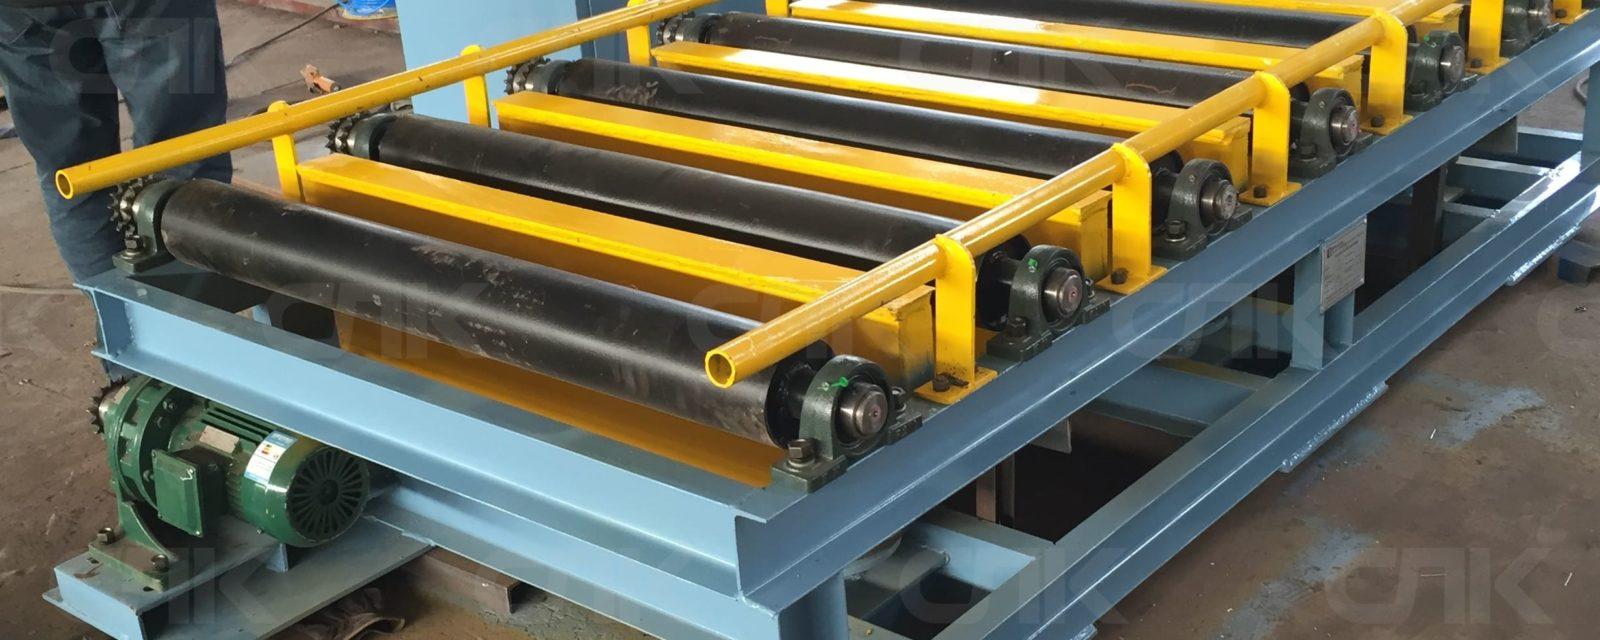 Оборудование с рольгангами как осуществляется пуск конвейера